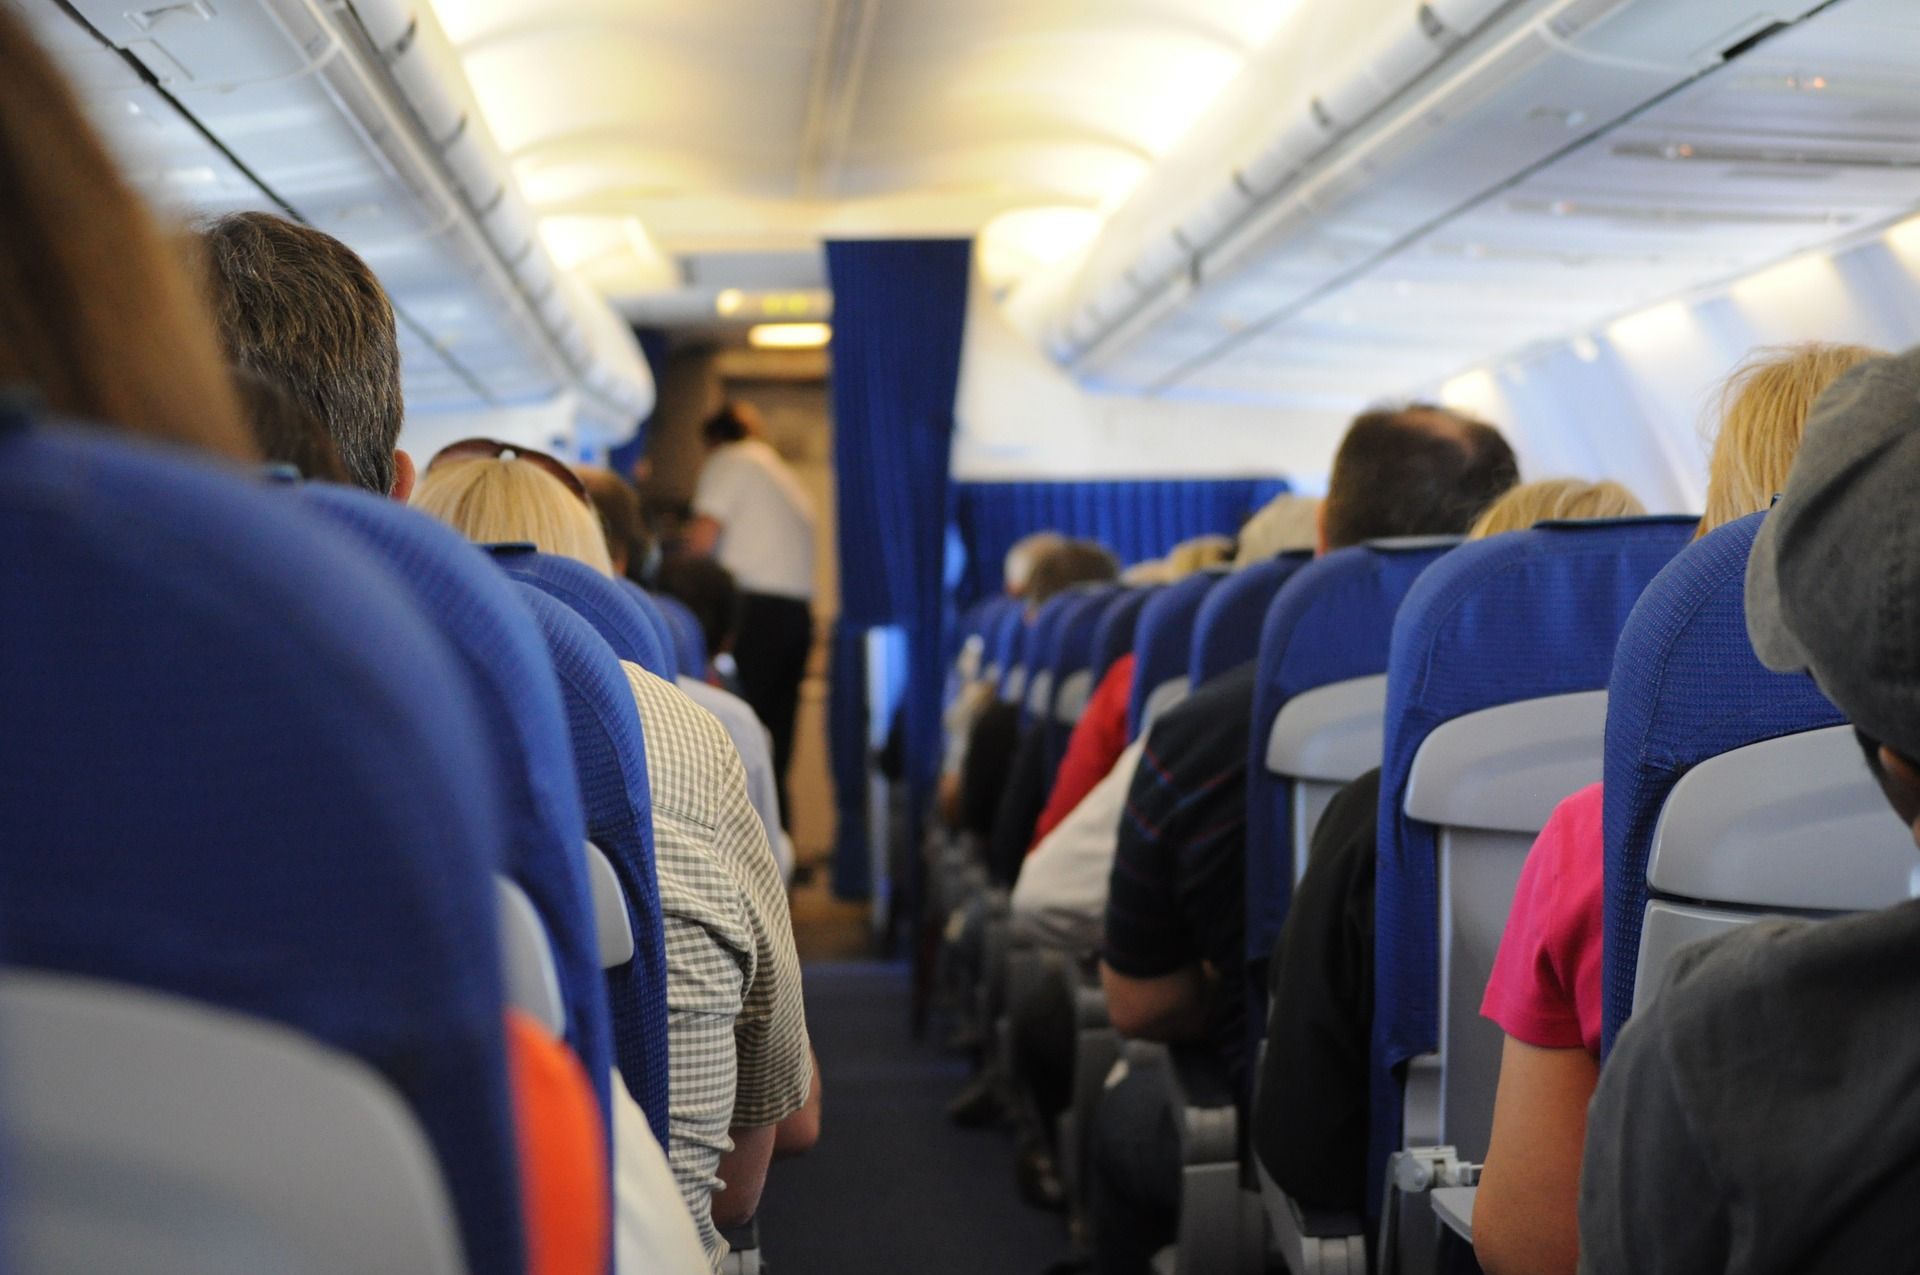 Pauschalreisen—Reisepreisanzahlung und Rücktrittspauschale